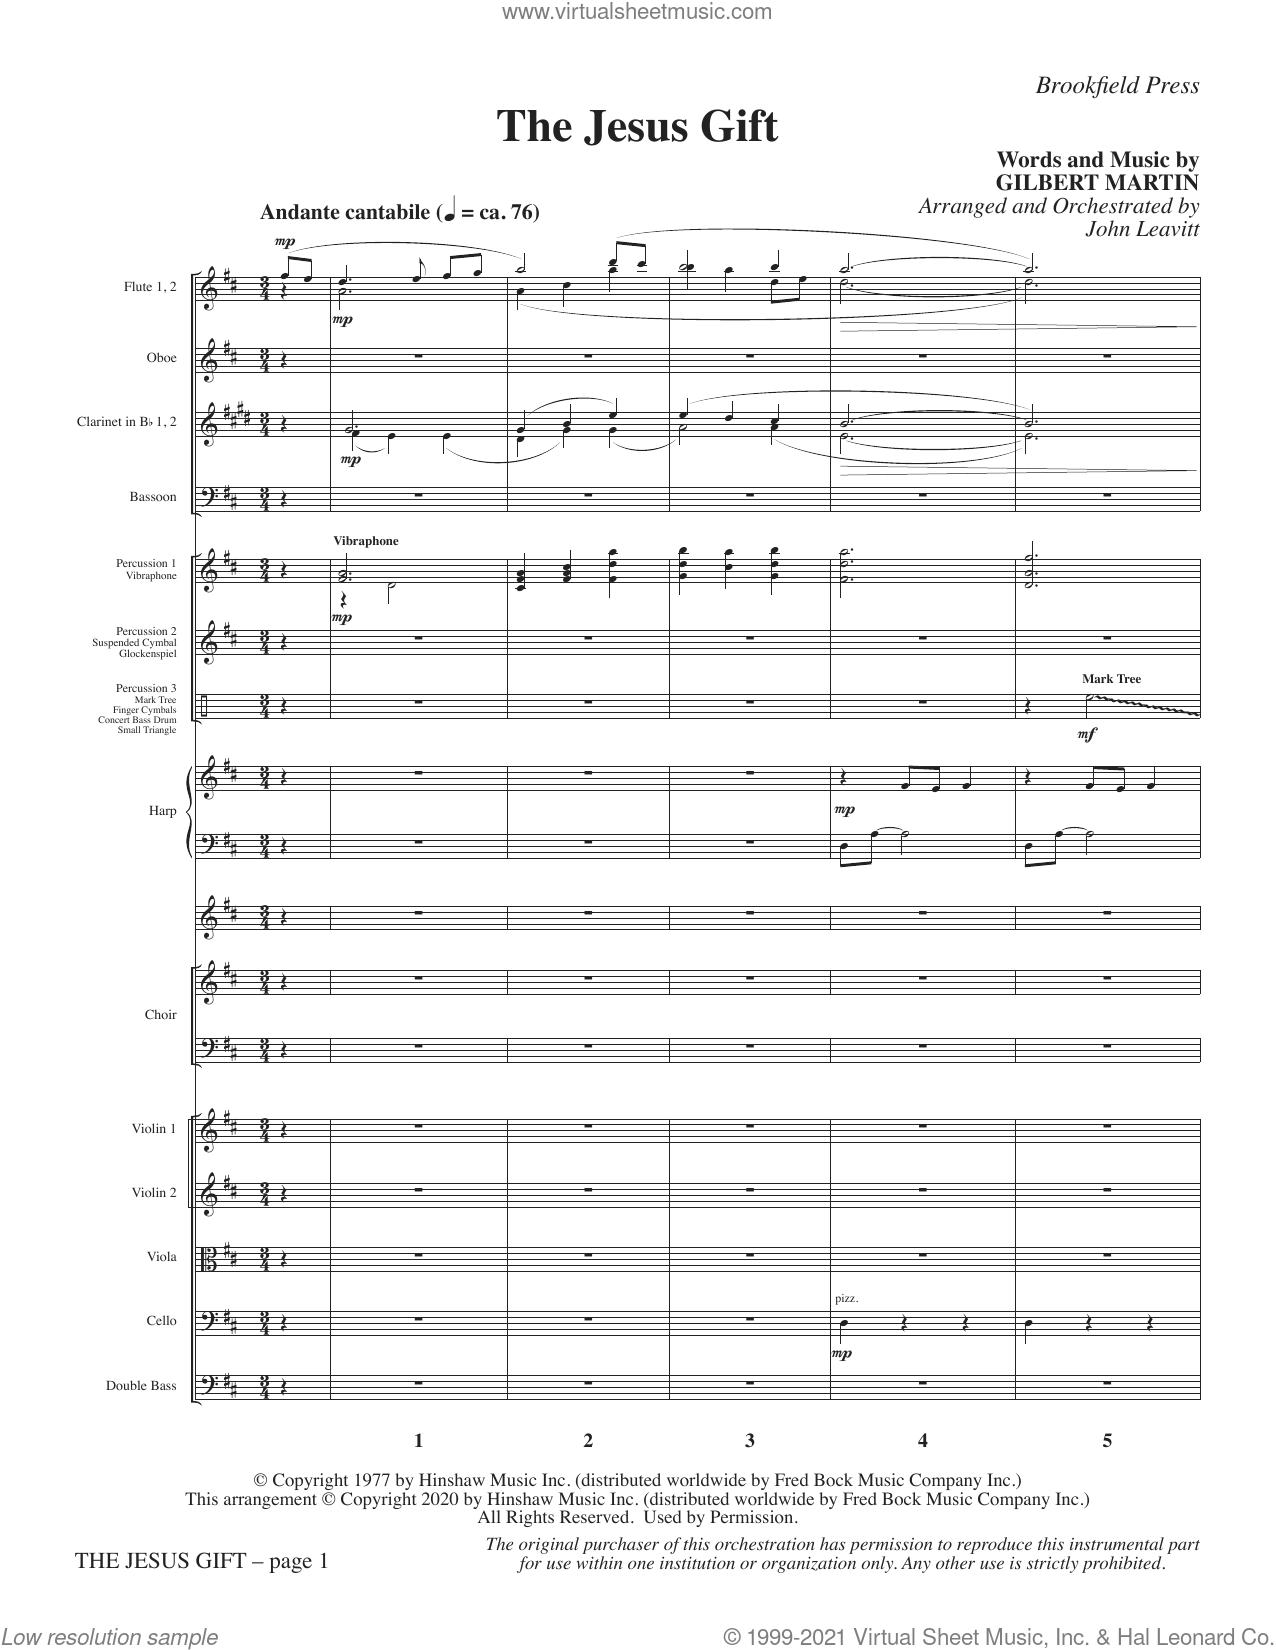 The Jesus Gift (arr. John Leavitt) (COMPLETE) sheet music for orchestra/band by John Leavitt and Gilbert Martin, intermediate skill level